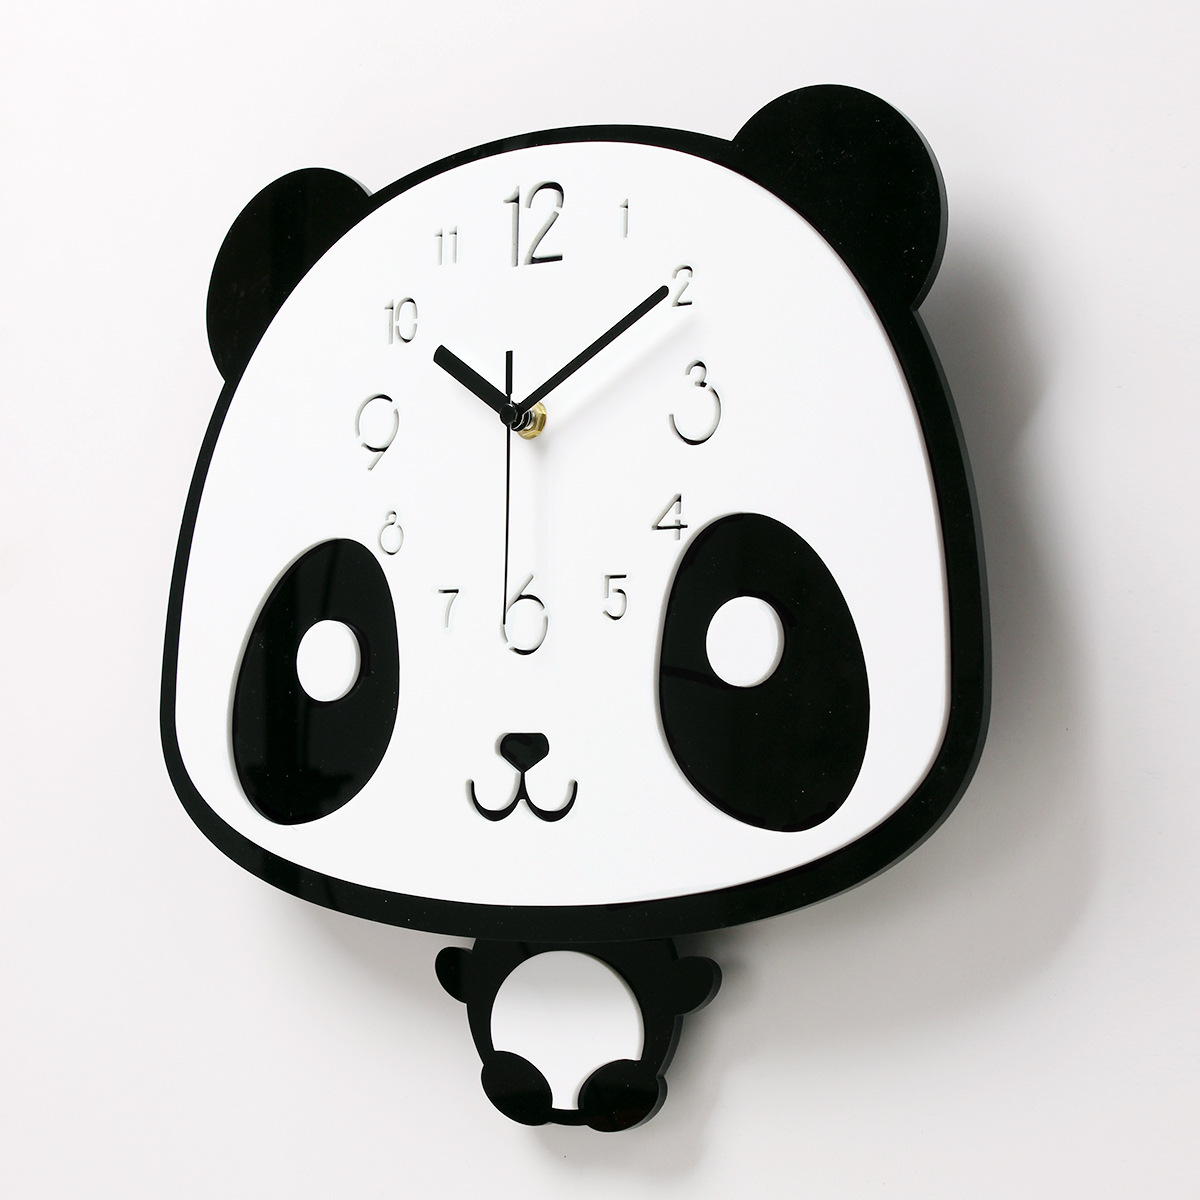 Mignon enfants chambre horloges murales Panda Type enfants cadeaux horloges murales décor silencieux muet maison horloge dessin animé horloge murale